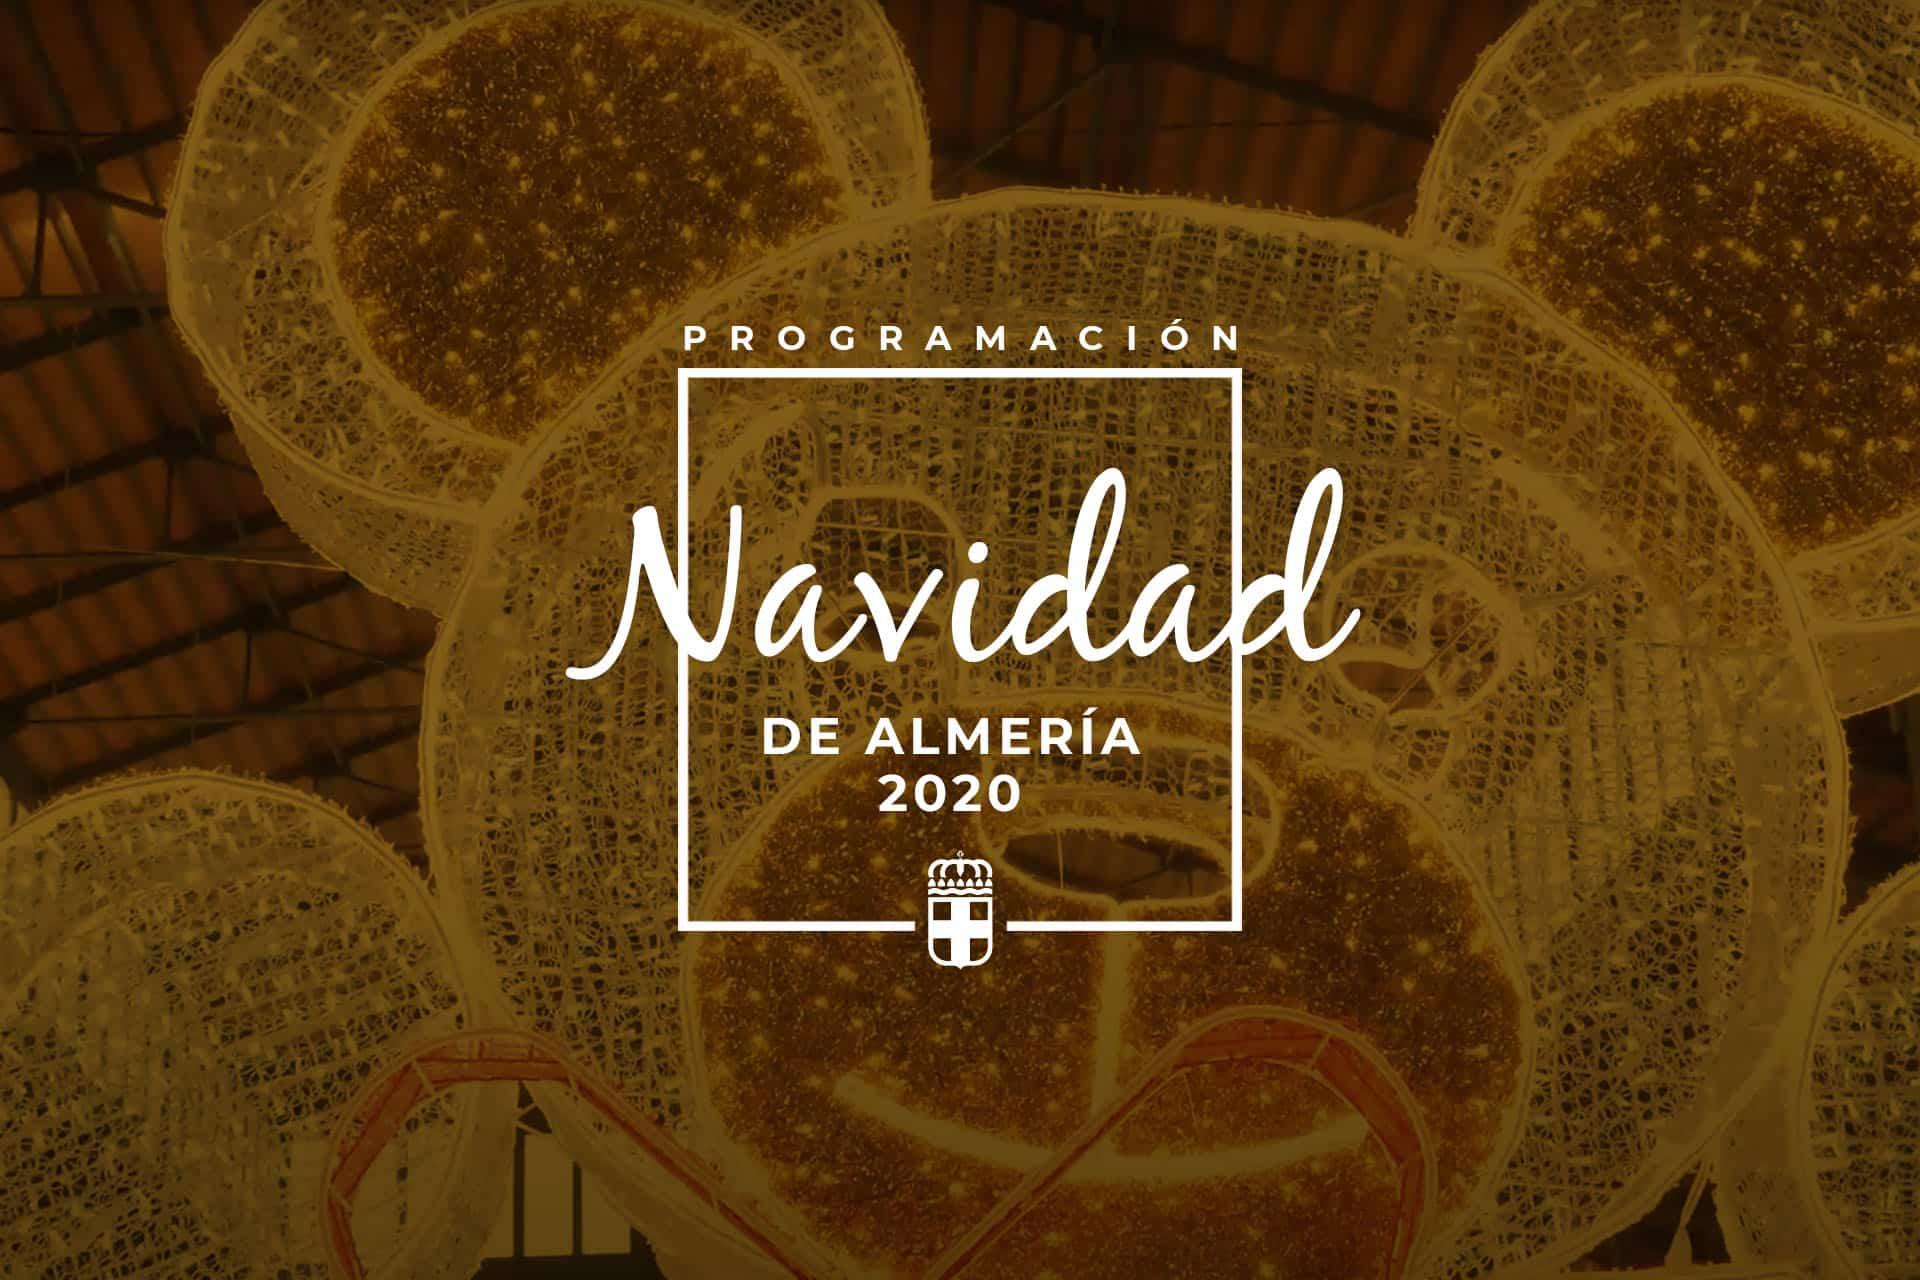 Navidad 2020 Almería Programación y Eventos